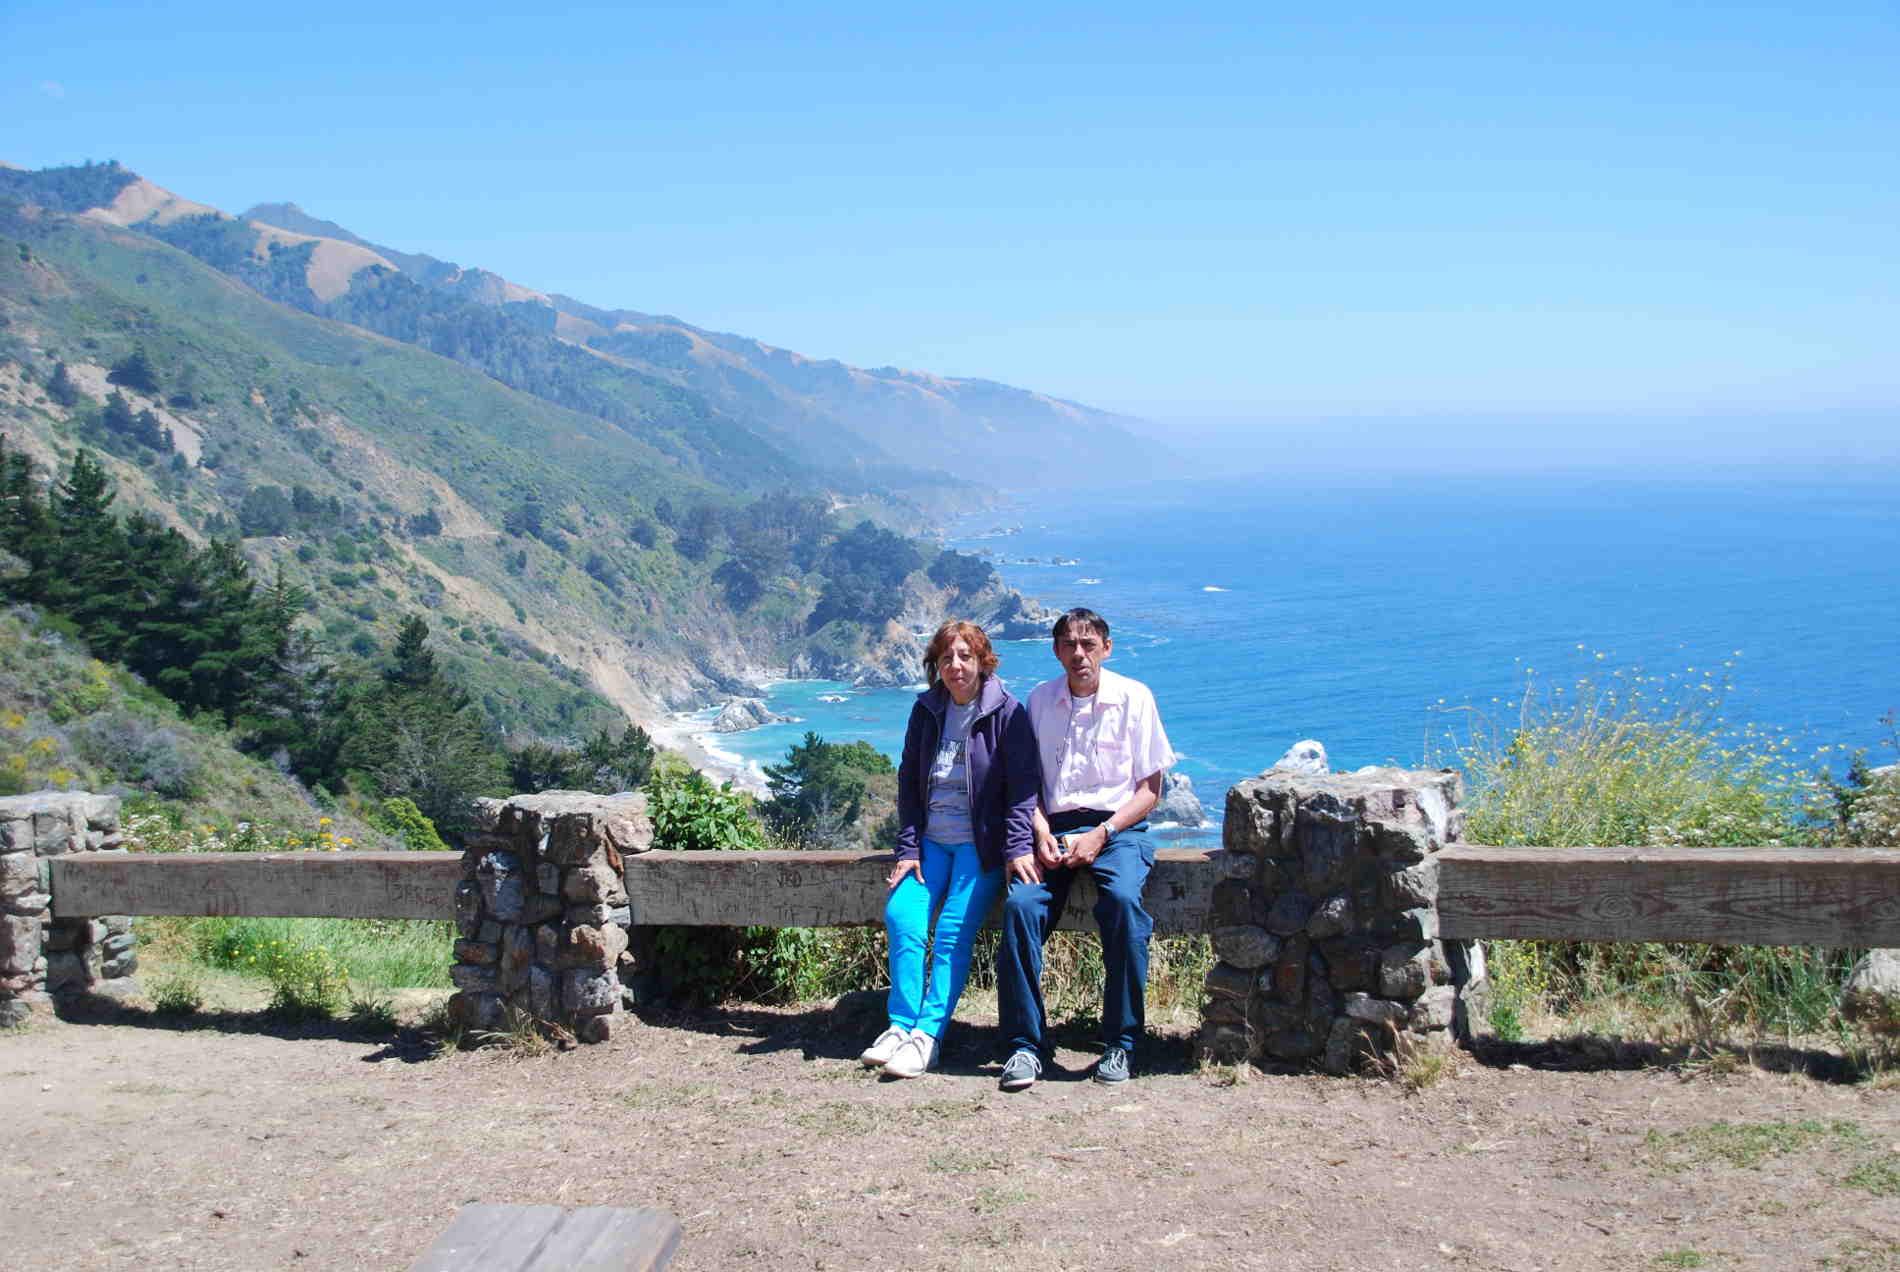 Nonni Avventura al Big Sur in California Viaggiare-per non invecchiare